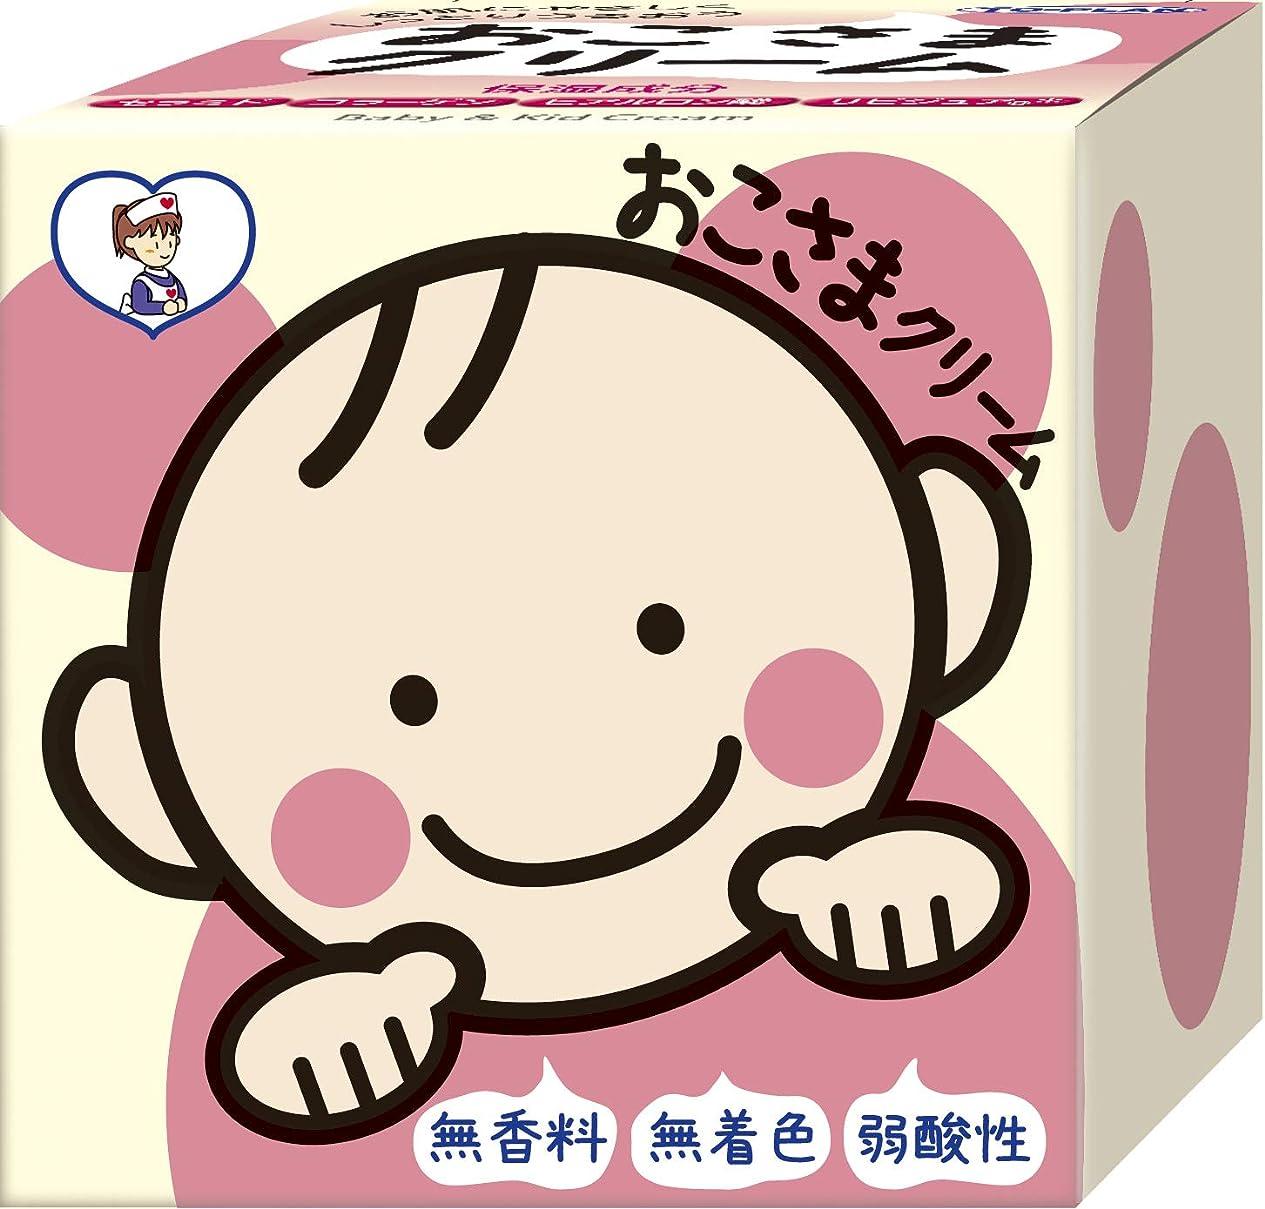 モデレータ含める鑑定TO-PLAN(トプラン) おこさまクリーム110g 無着色 無香料 低刺激クリーム